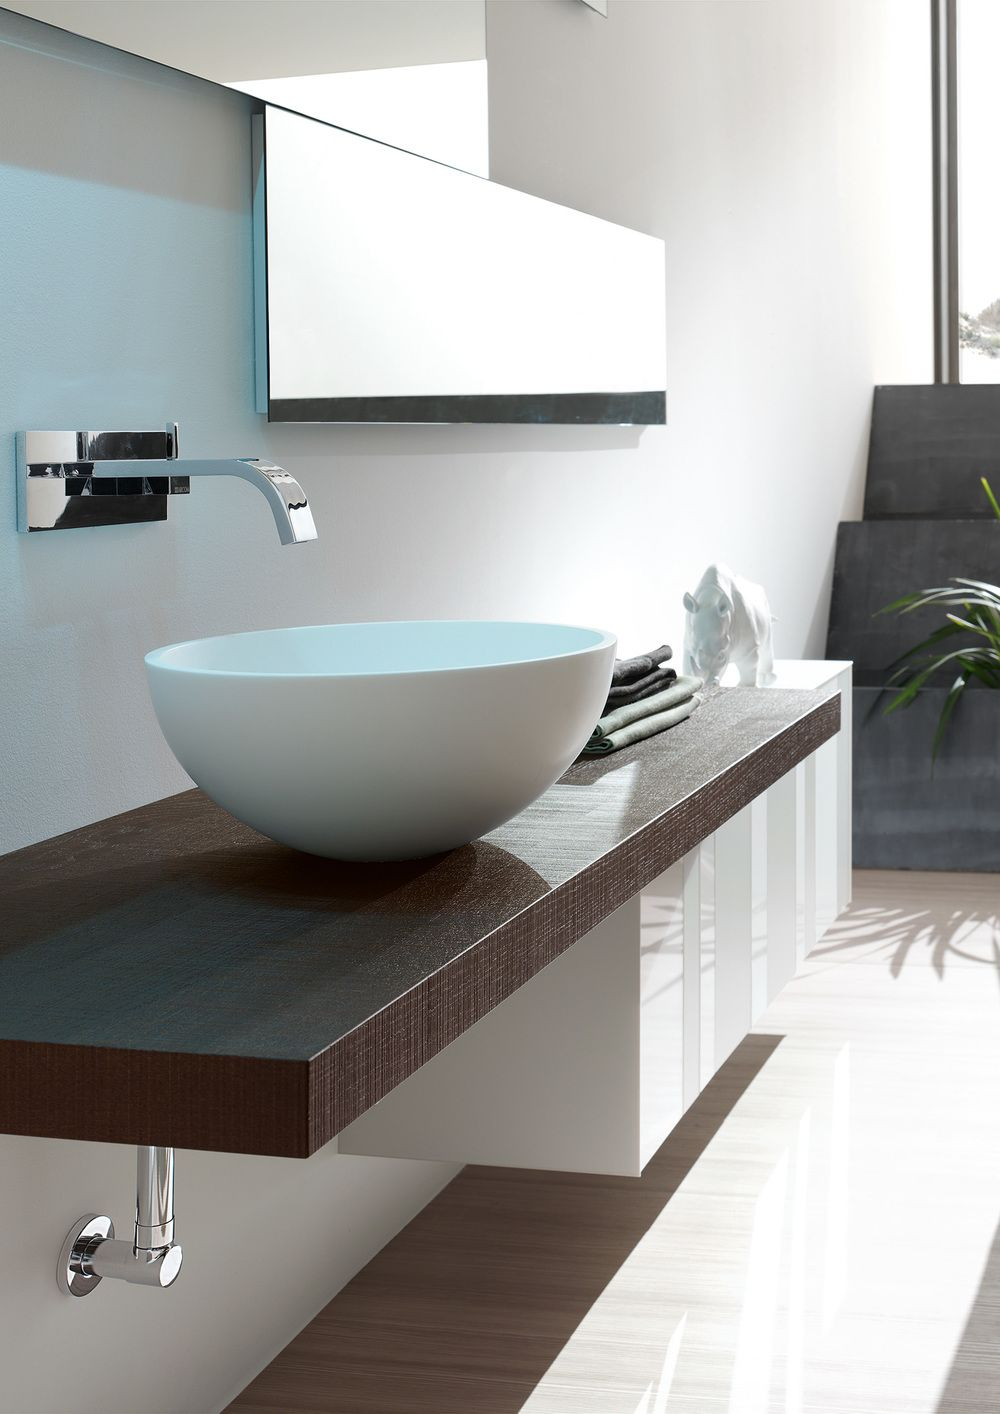 Arcom mobile arredobagno composto da un piano in rovere moka lavabo appoggio e base sospesa